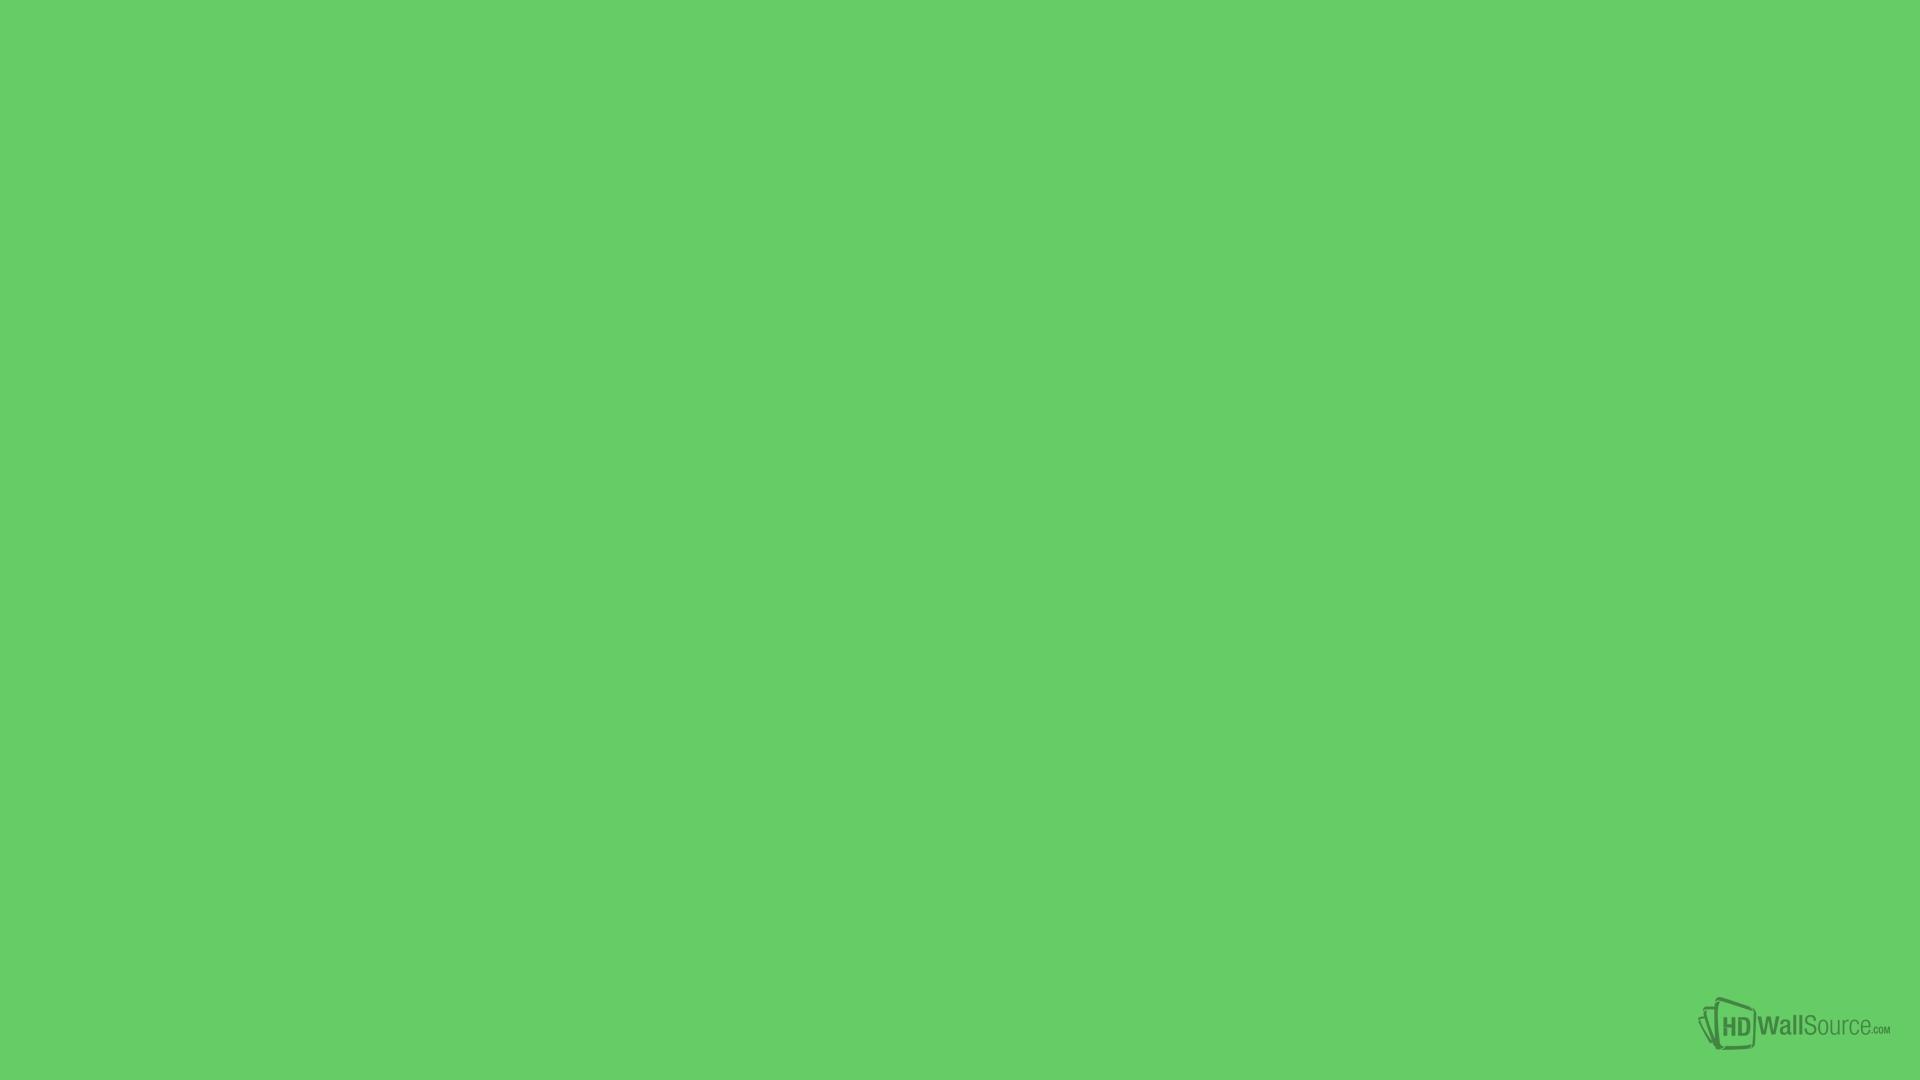 66cc66 wallpaper 71089